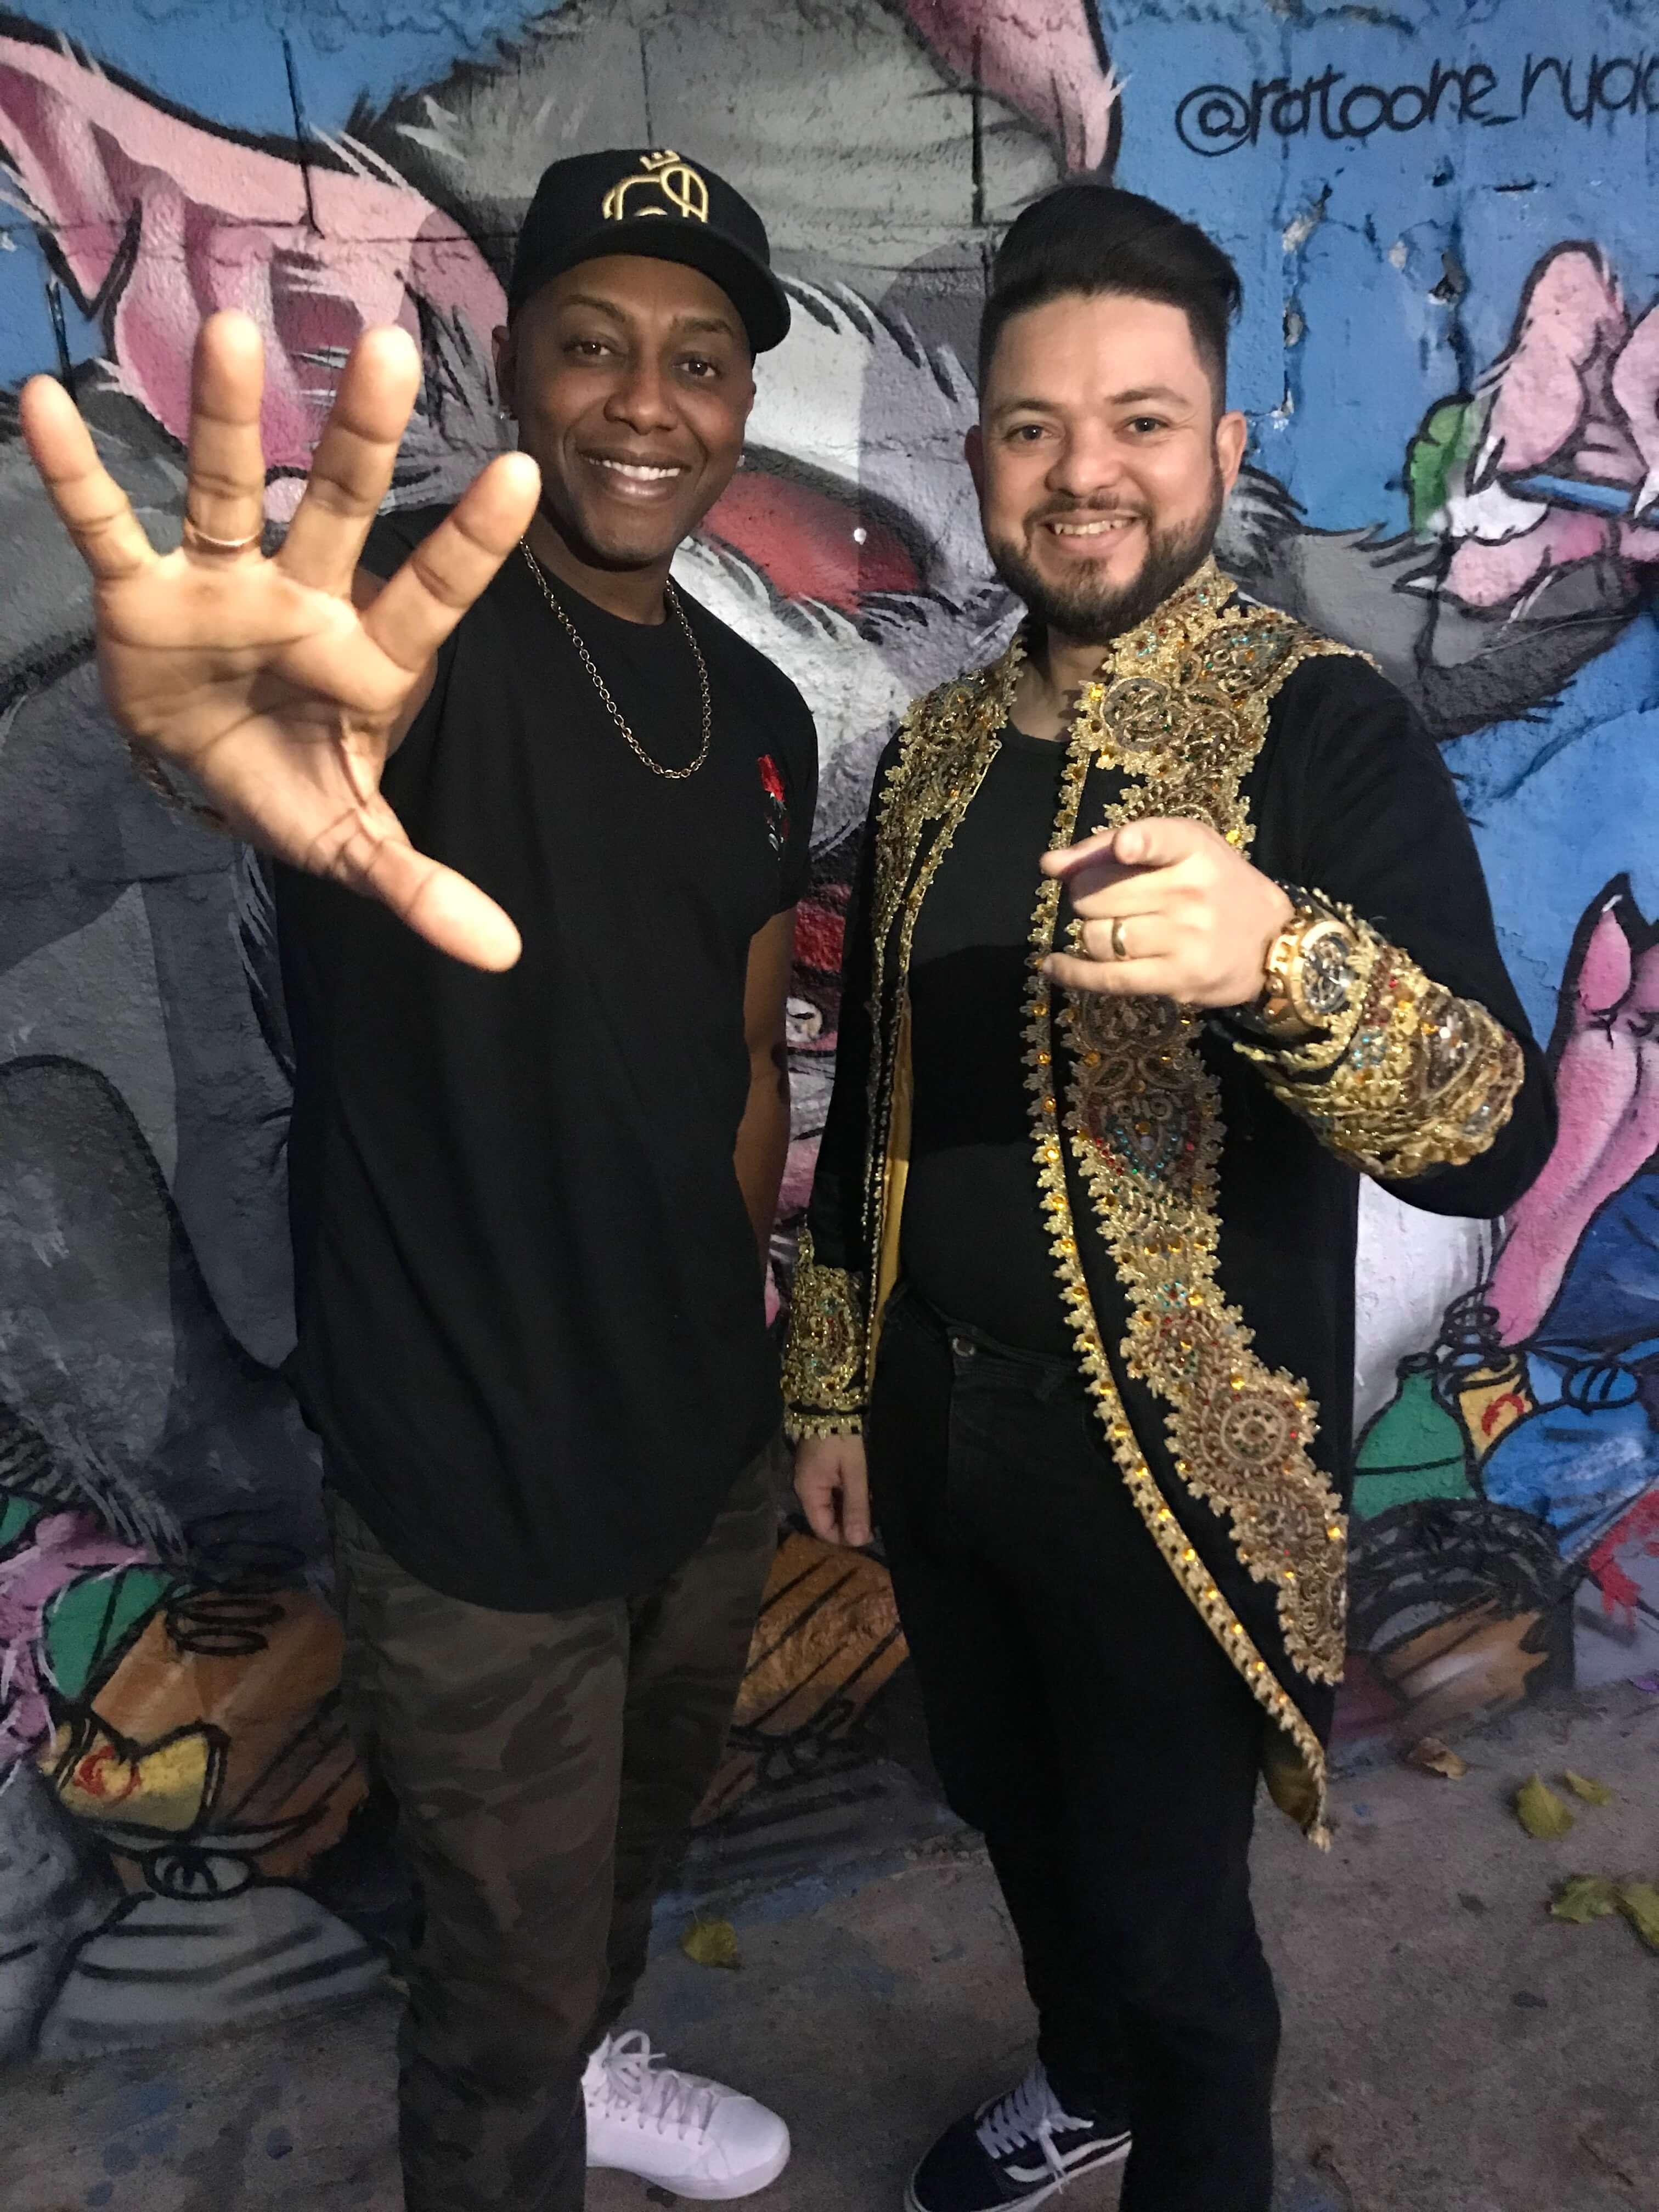 Parceria entre ex-Balão Mágico e DJ Juninho Portugal Dejavú promete sacudir as pistas com arrocha-funk 2